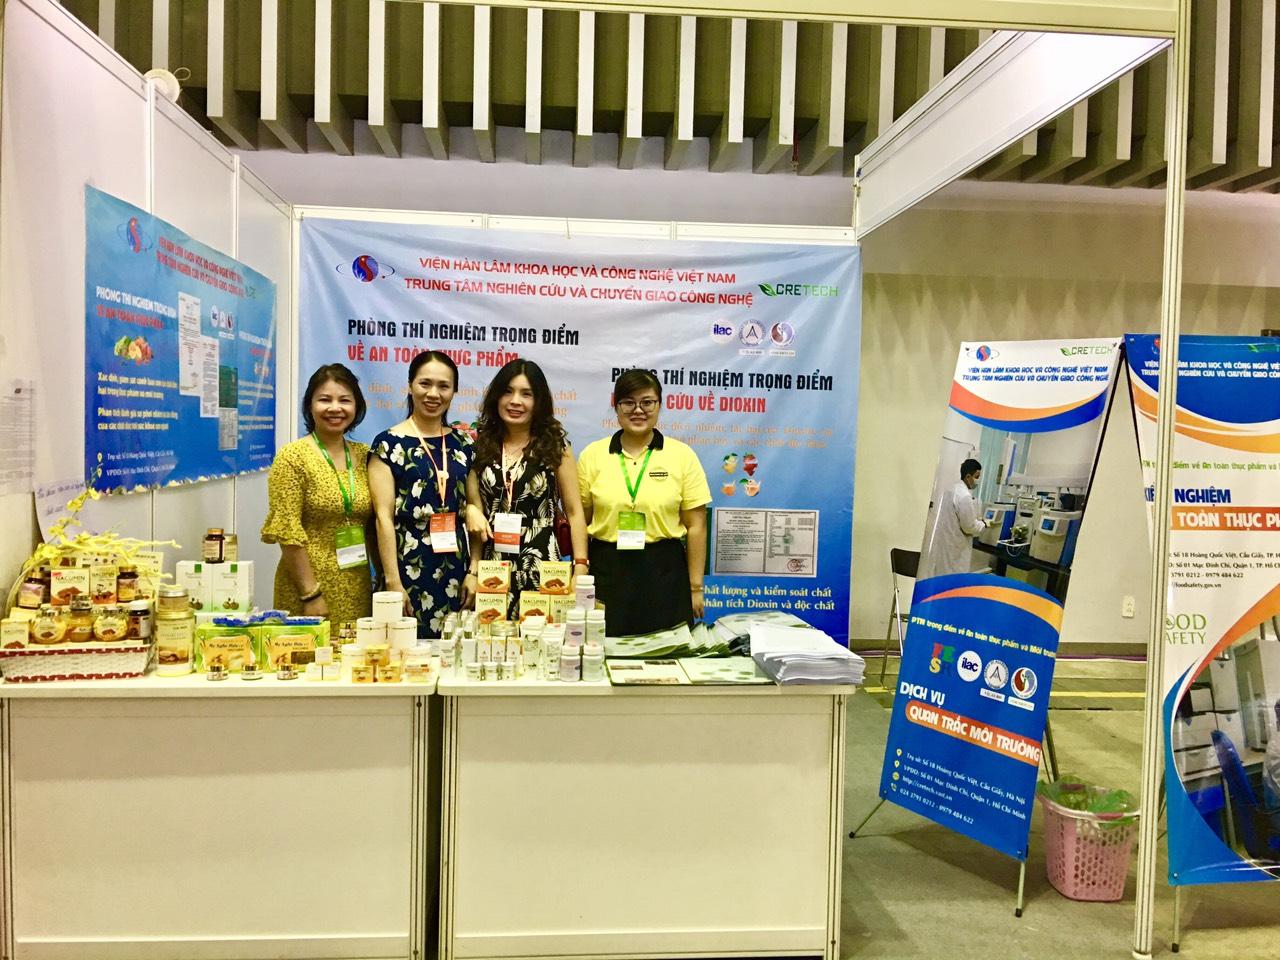 """Tham dự sự kiện """"Triển lãm Quốc tế Công nghiệp Thực phẩm Việt Nam 2019 (Vietnam Foodexpo 2019)"""" tại thành phố Hồ Chí Minh năm 2019"""